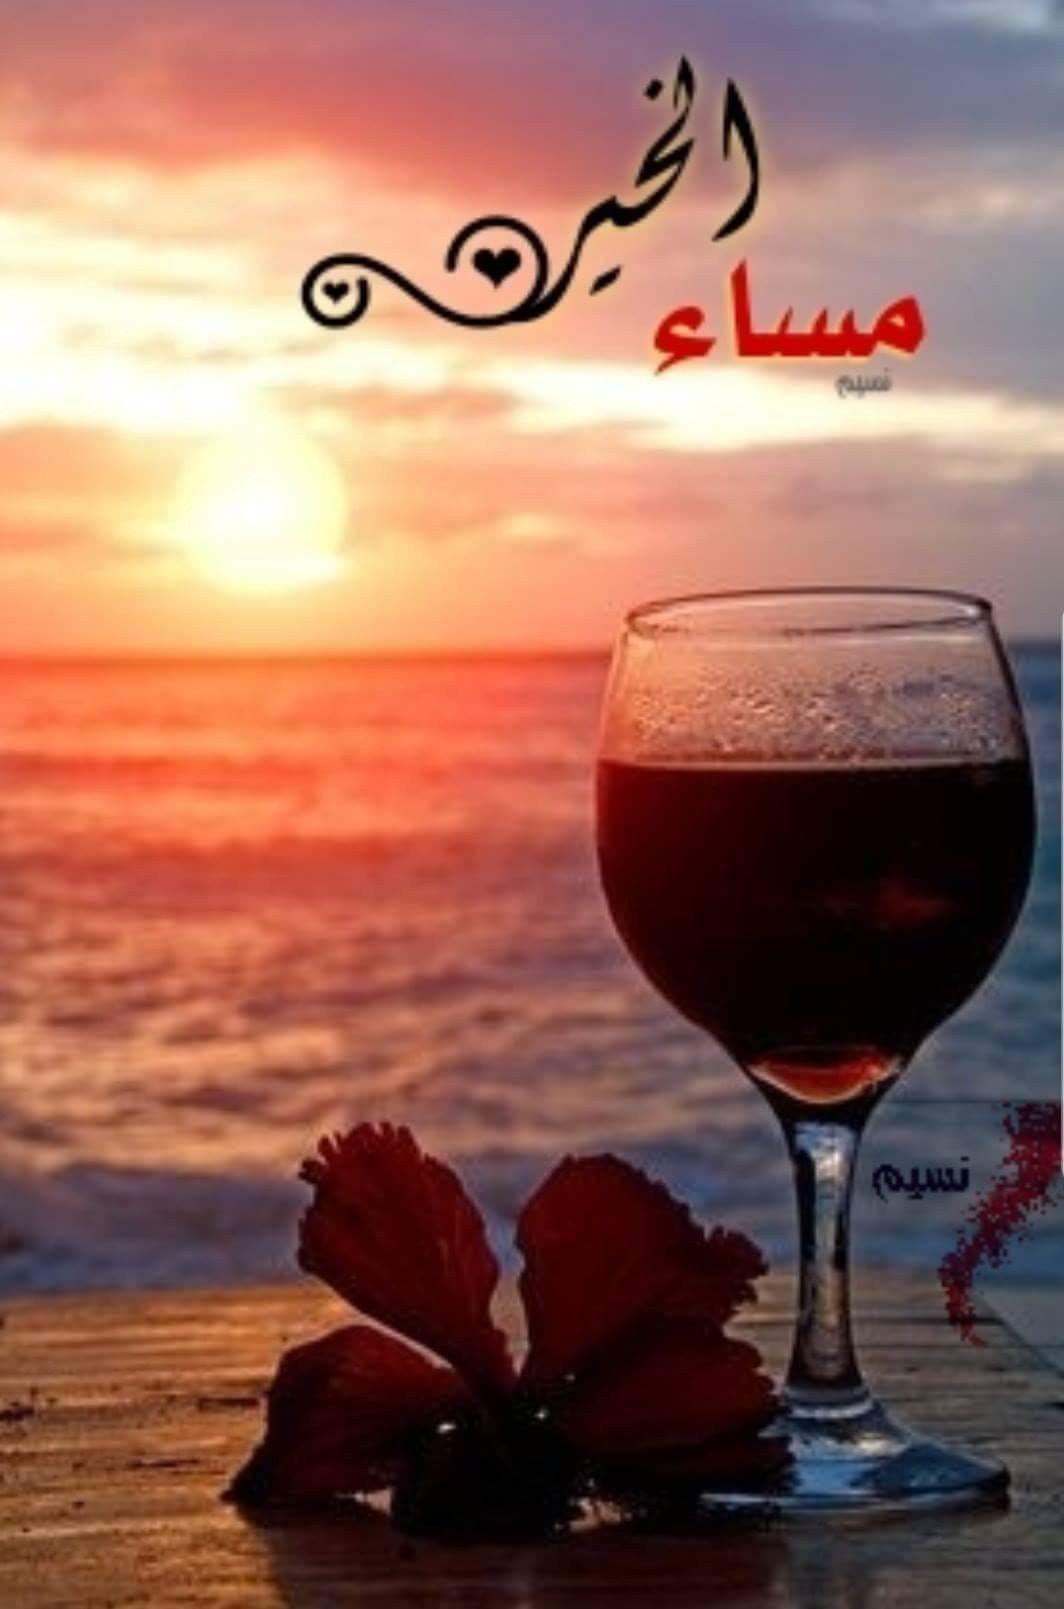 تعالوا ننكس أعلام الغربة ونعلي راية اللقاء مساء اللقاءات الجميله التى تعانق أرواحنا مساء Arte De Vino Vino Tinto Copas De Vino